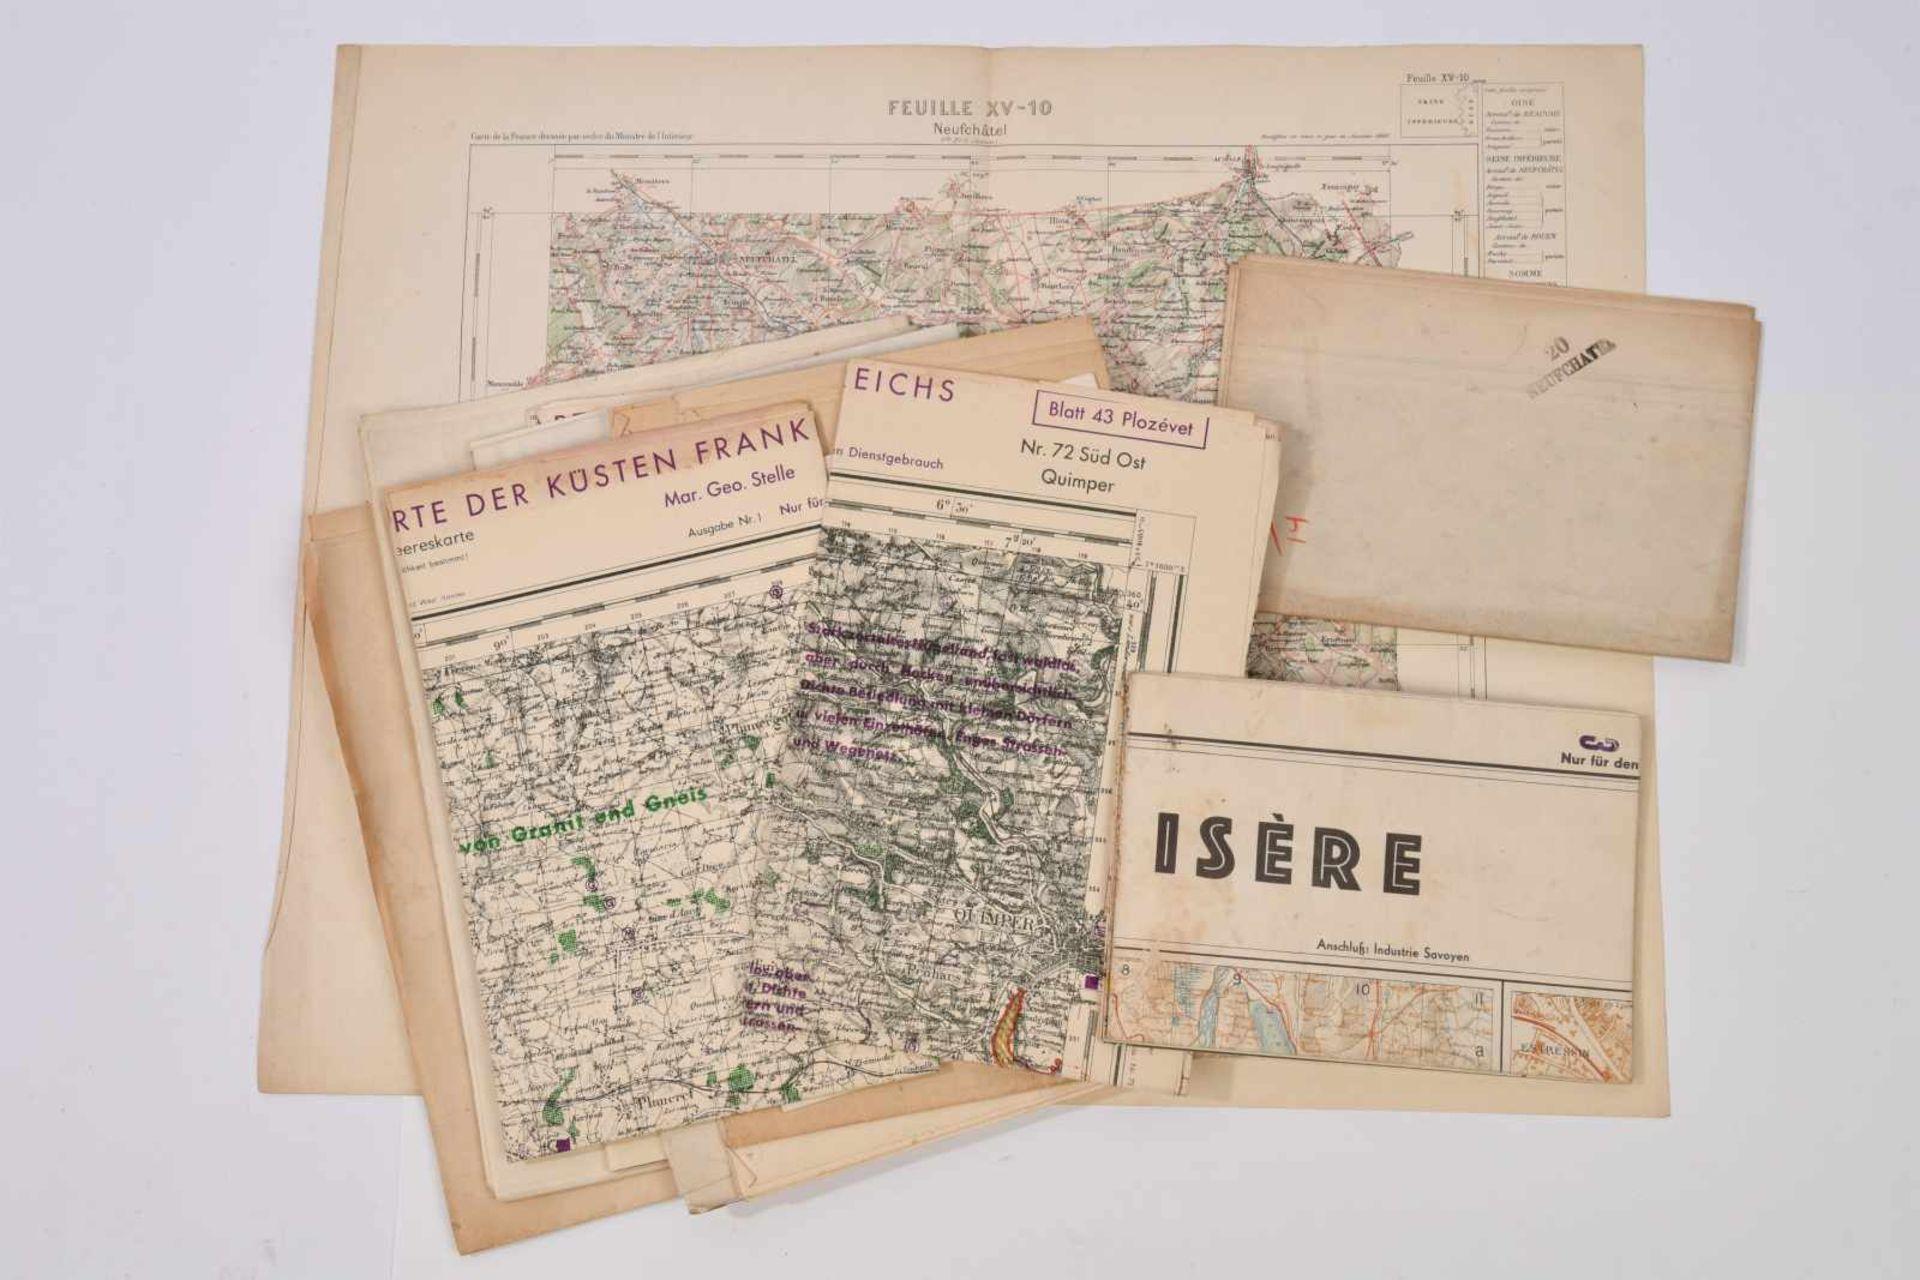 Ensemble de cartes comprenant une carte de Neufchâtel, tirage de 1889, échelle 1:100000. Une